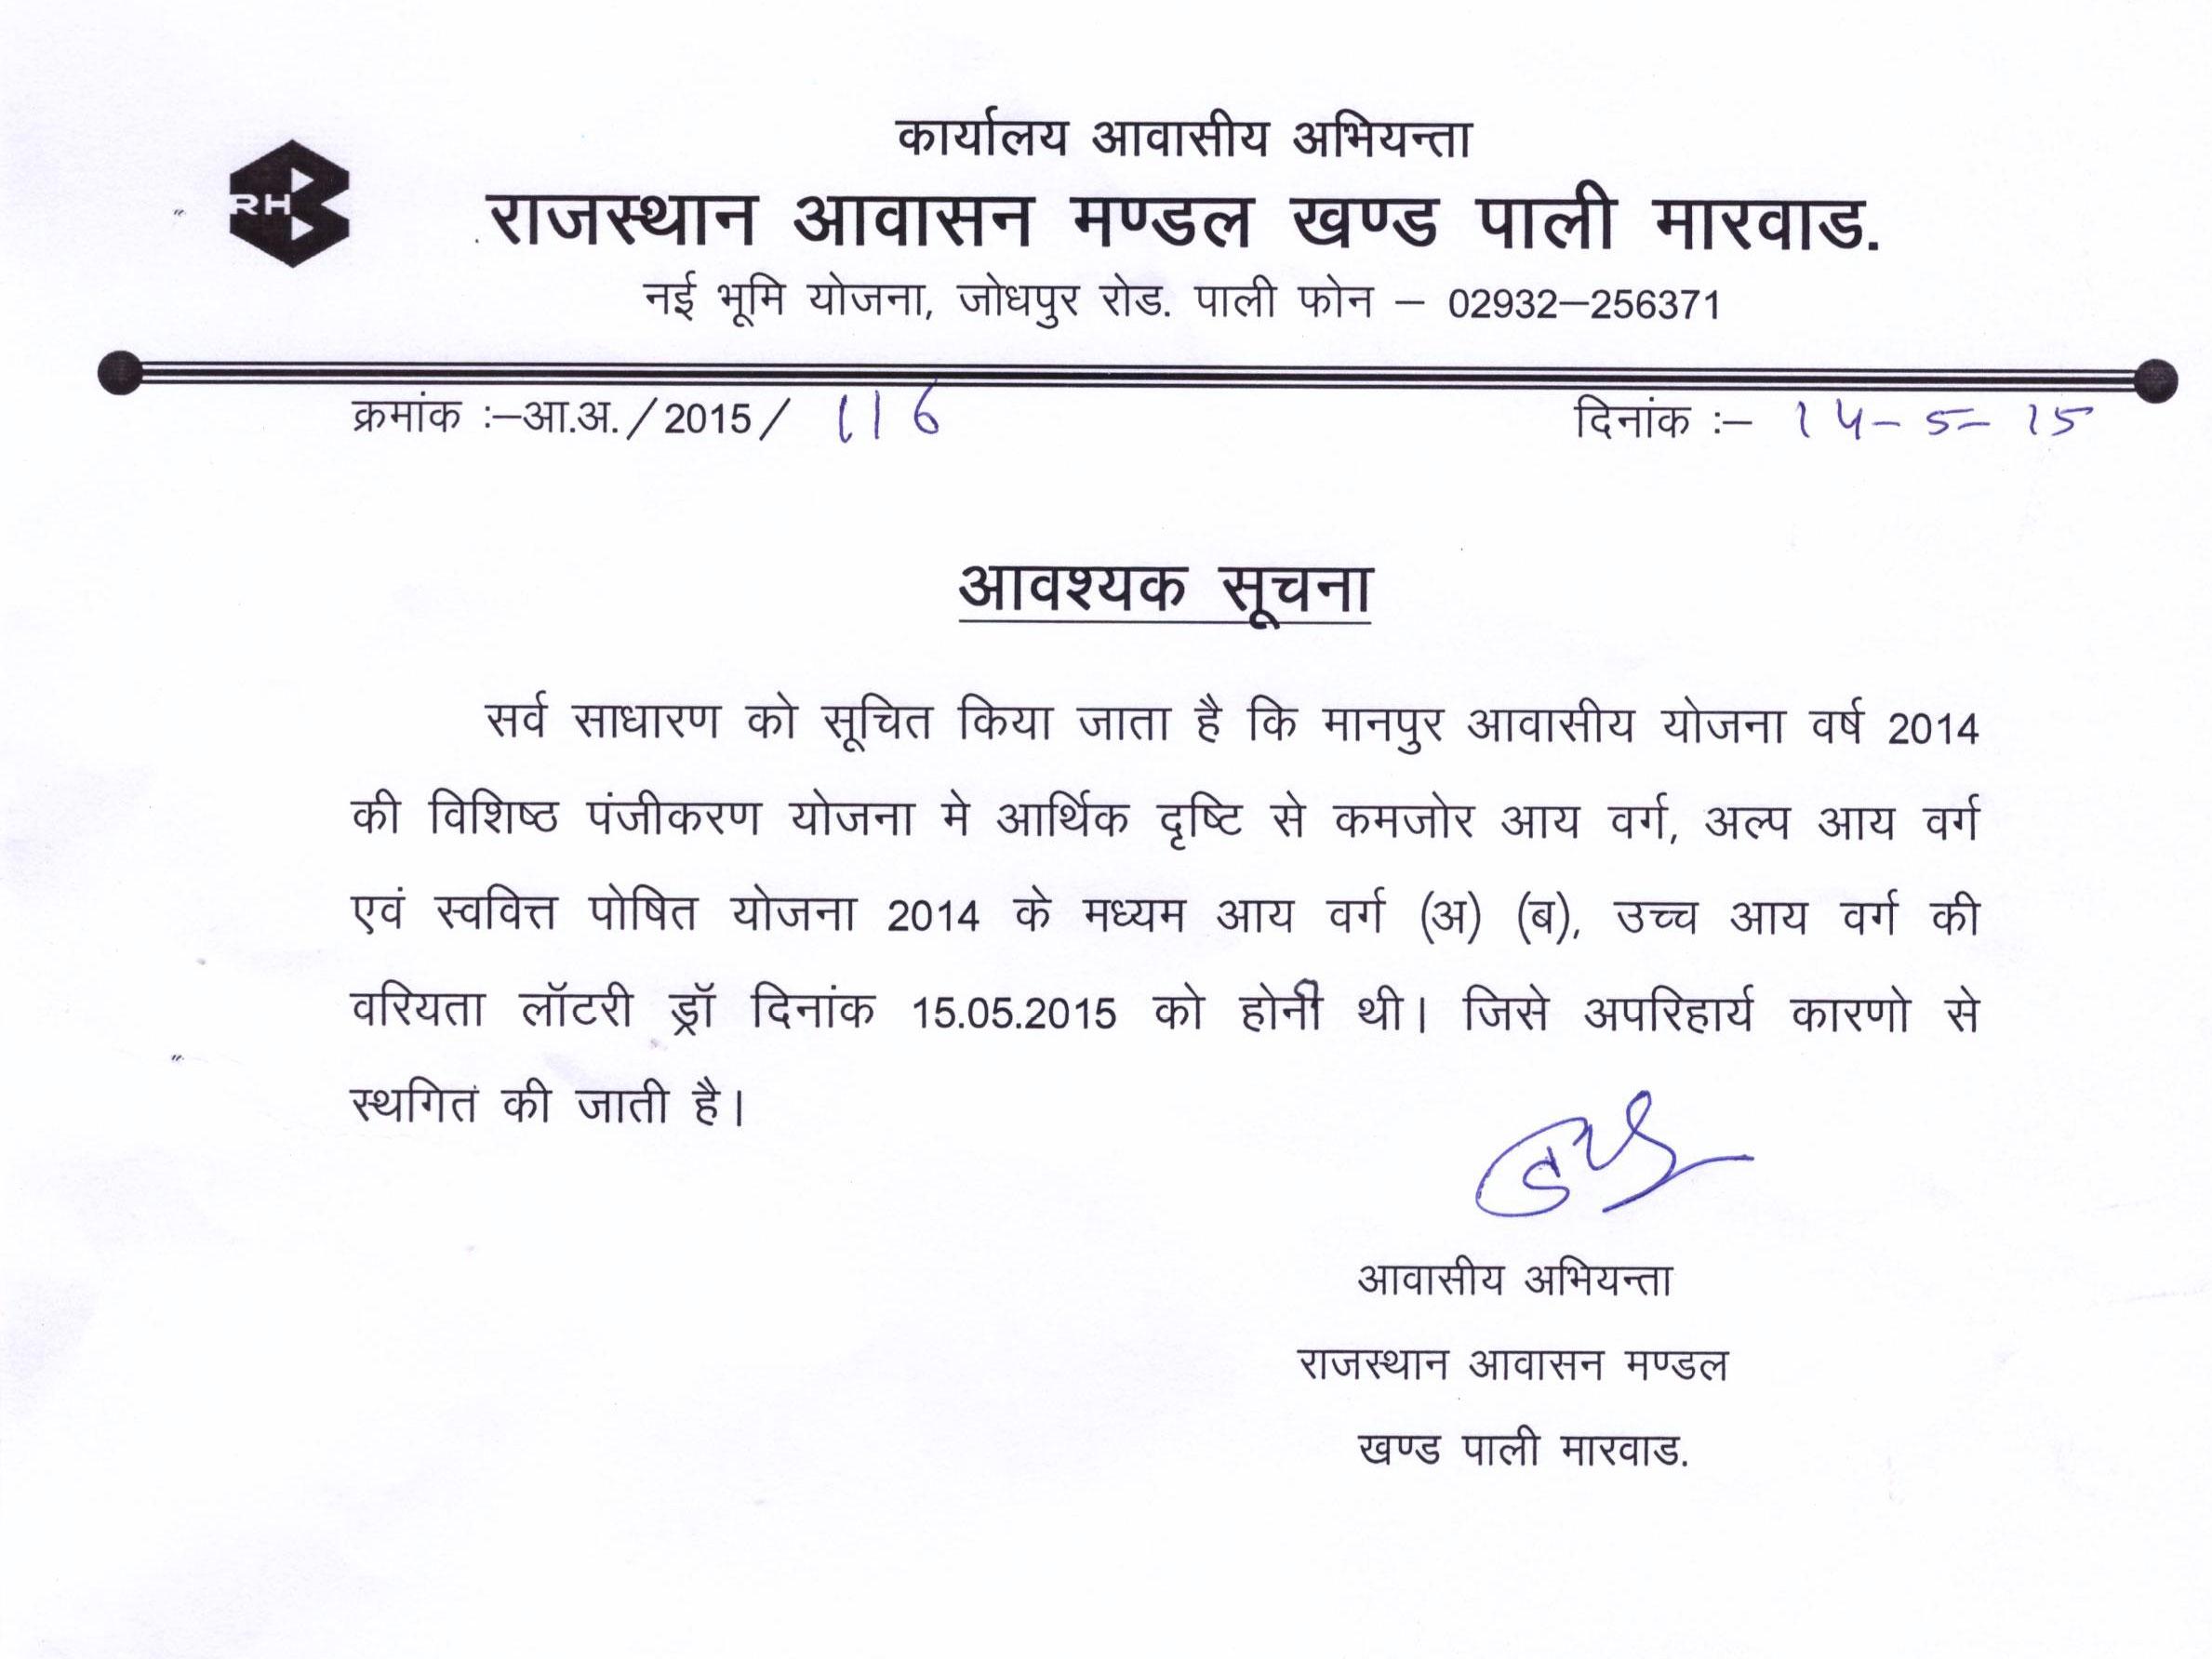 Notice For Manpur Housing Scheme 2014 Draw